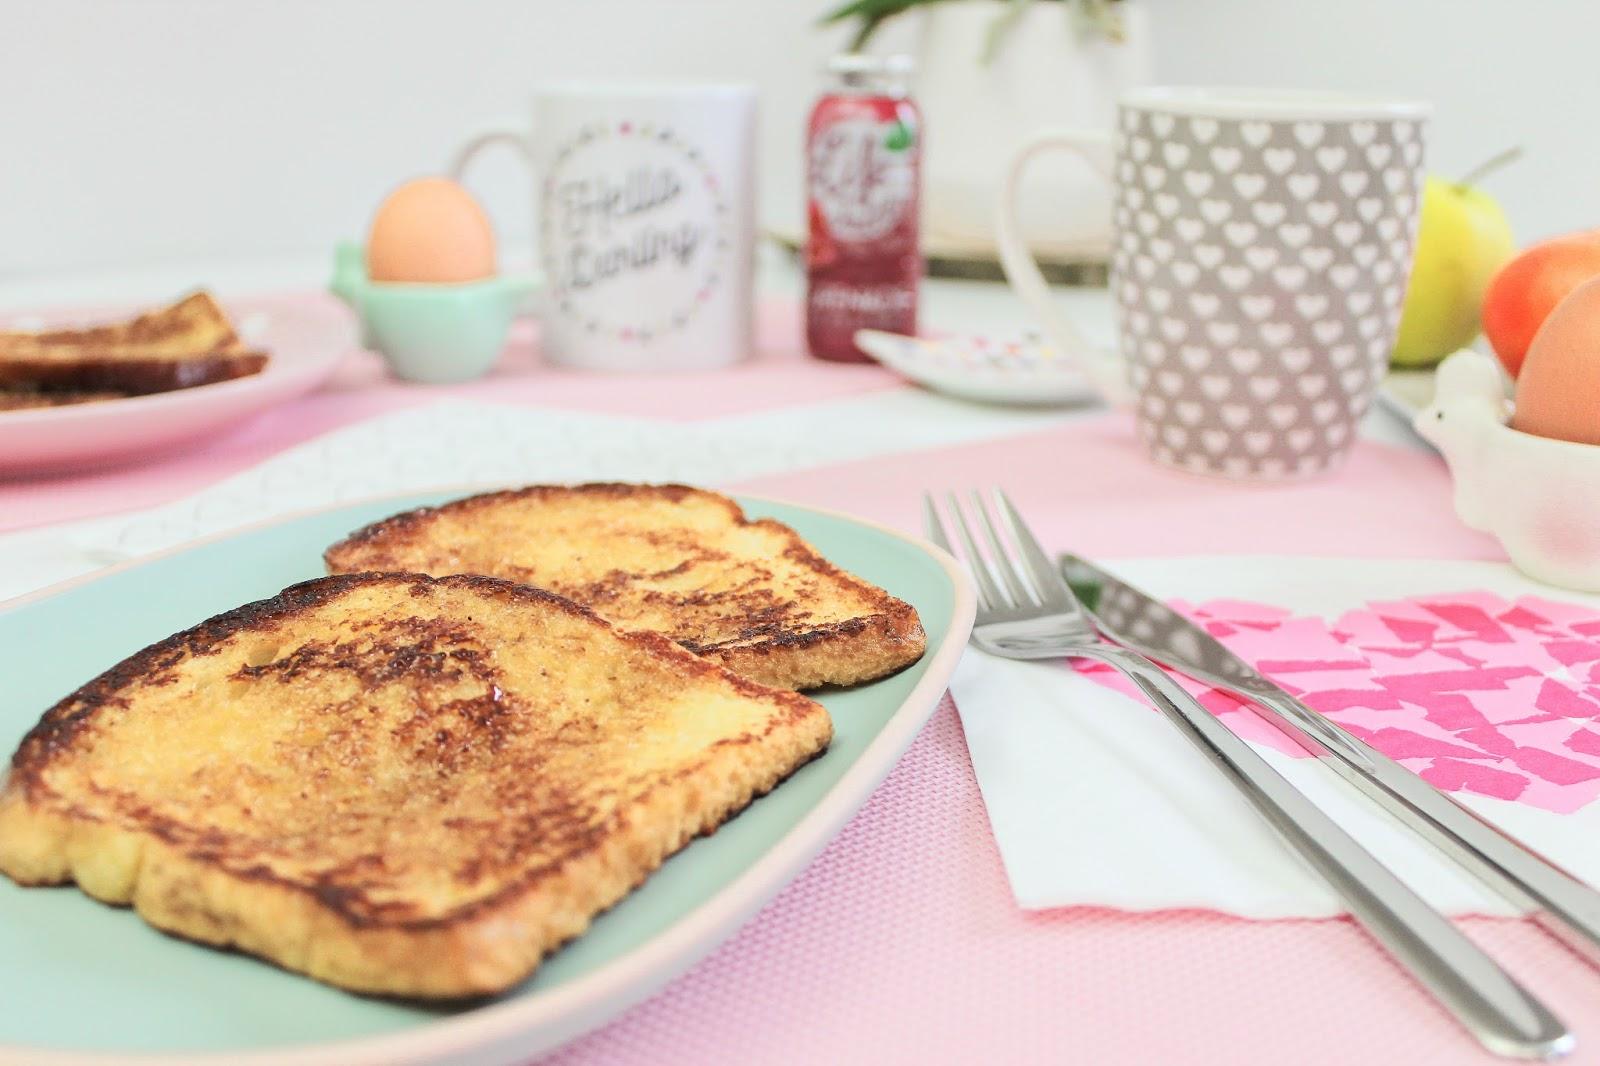 les gommettes de melo recette pain perdu idée brunch saint valentin crepes pancakes sucre pain de mie oeufs lait végétal degustabox miel sarrazin soja facile comment faire